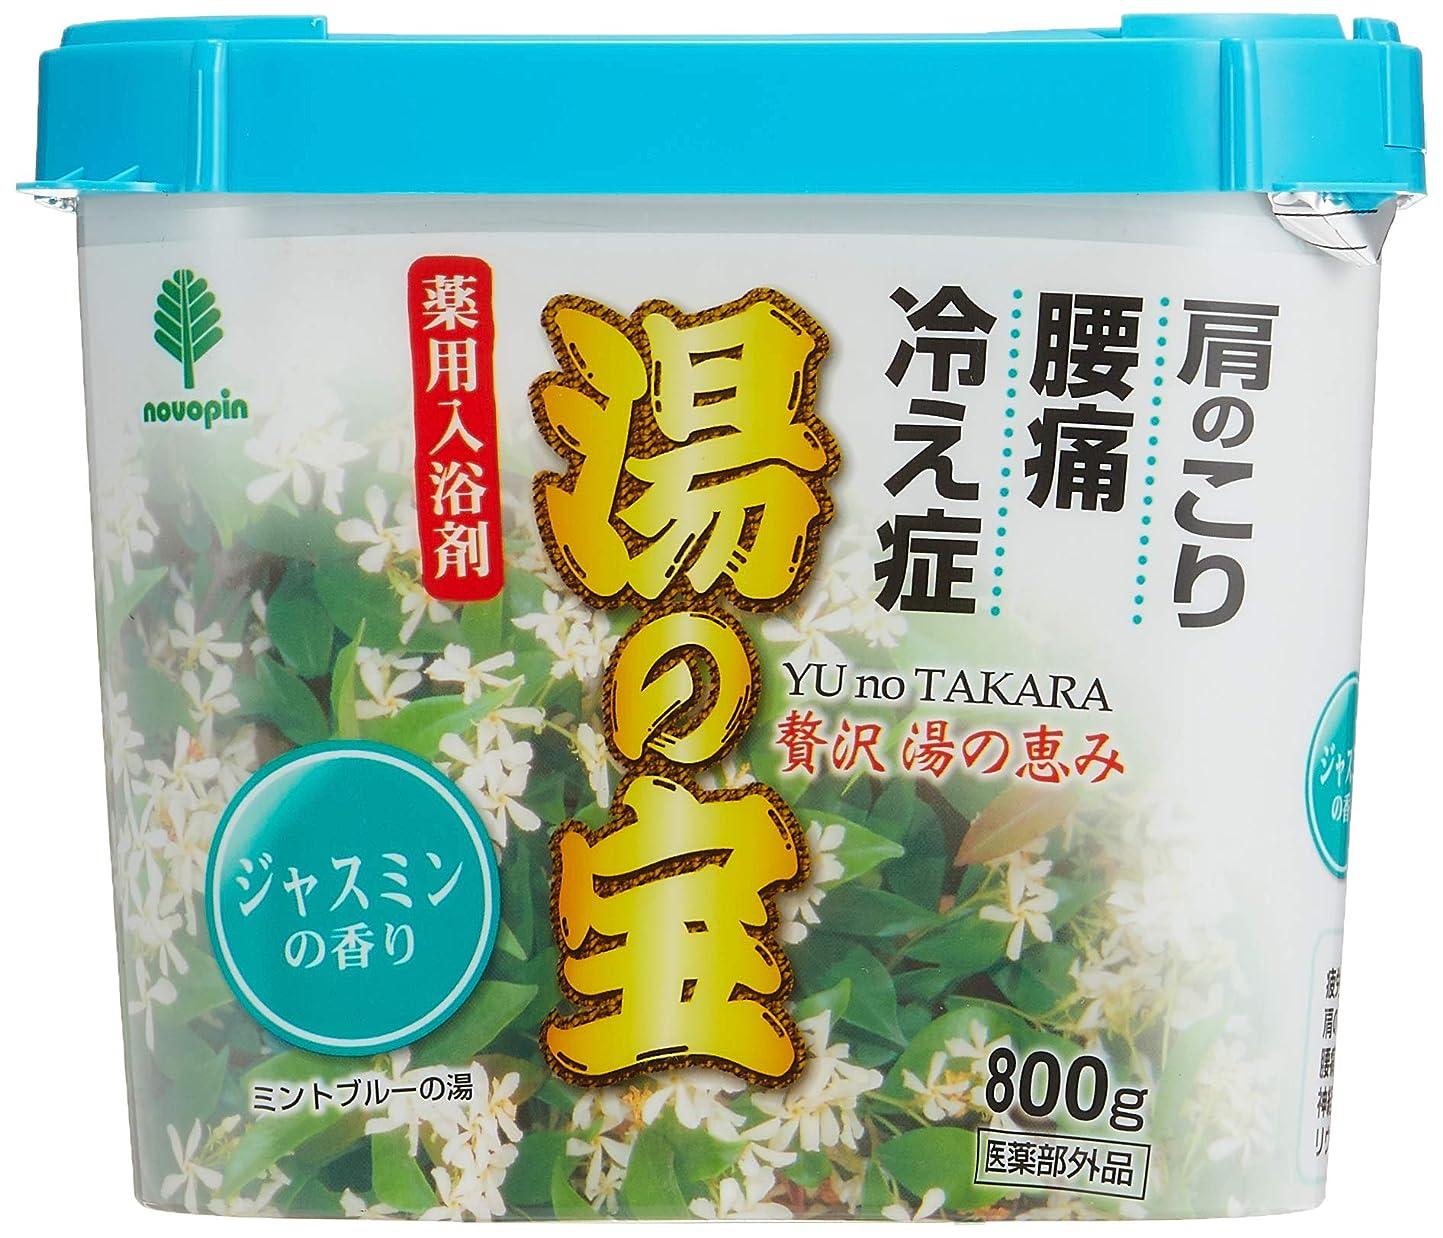 スーパー取るキロメートル紀陽除虫菊 入浴剤 湯の宝 ジャスミンの香り 800g